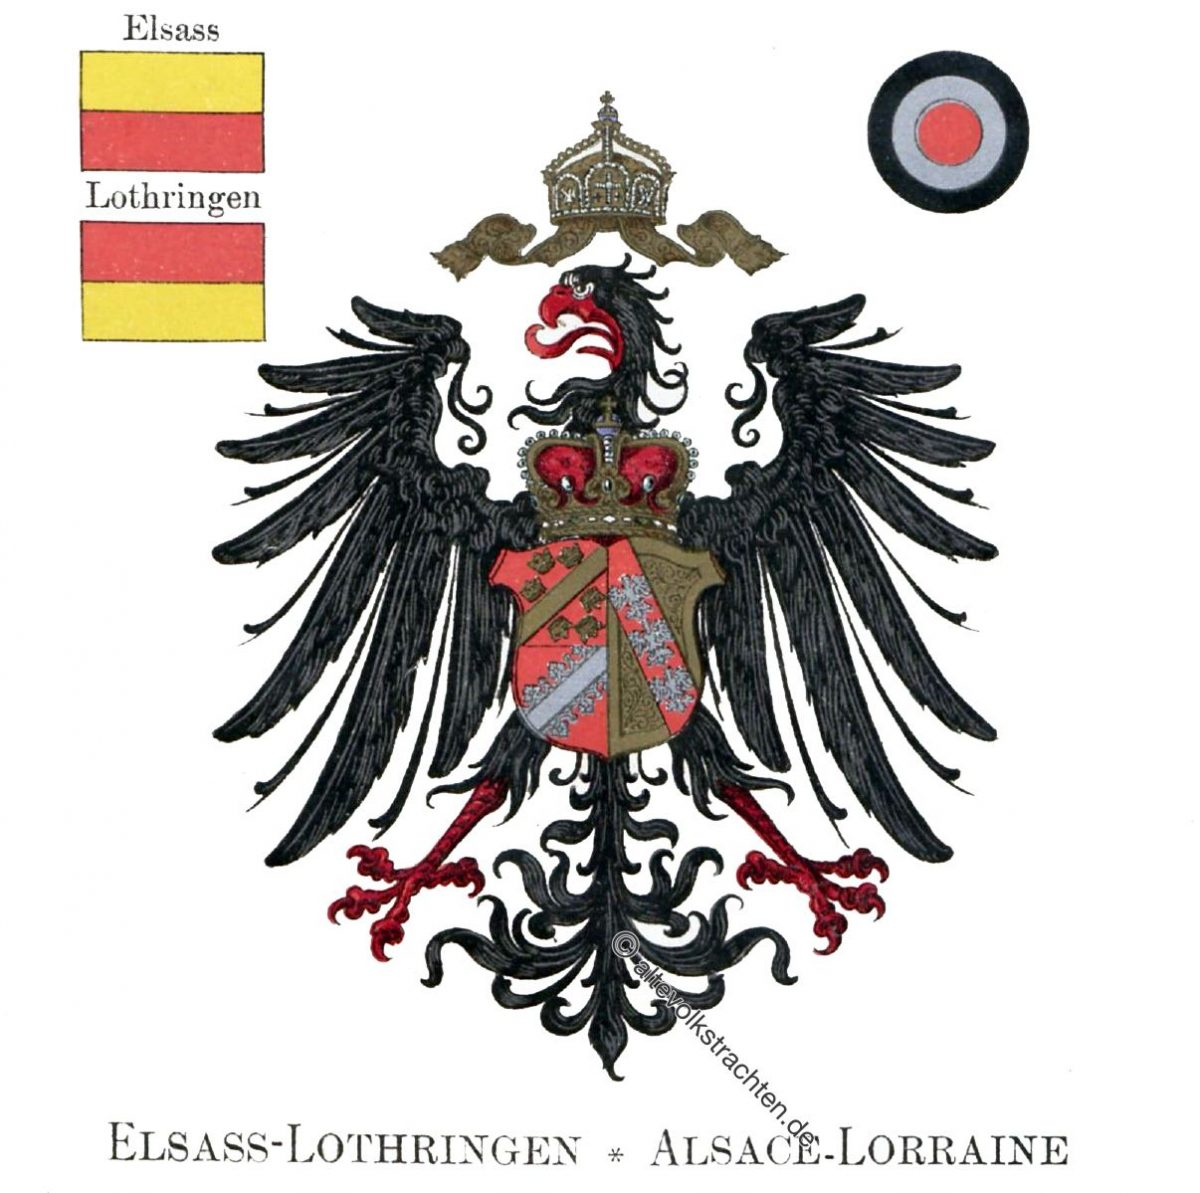 Elsass-Lothringen, Alsace-Lorraine, Staatswappen, Wappen, Heraldik, Deutschland, Landesflaggen, Cocarden, heraldry, héraldique, armoiries,